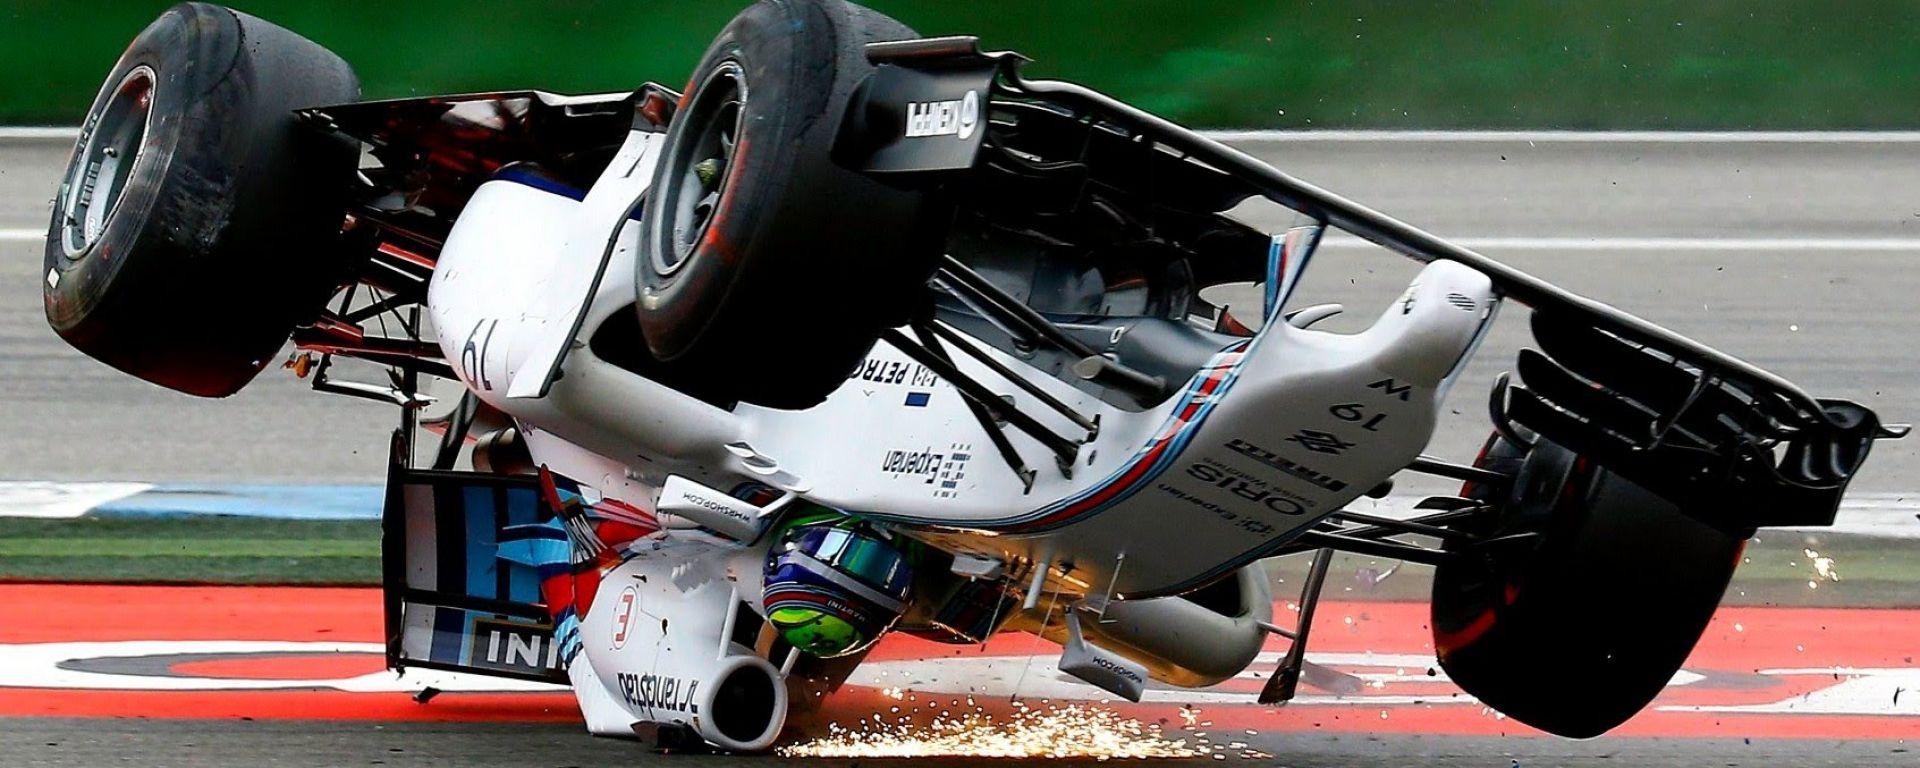 F1 e sicurezza: nuovi caschi e guanti biometrici